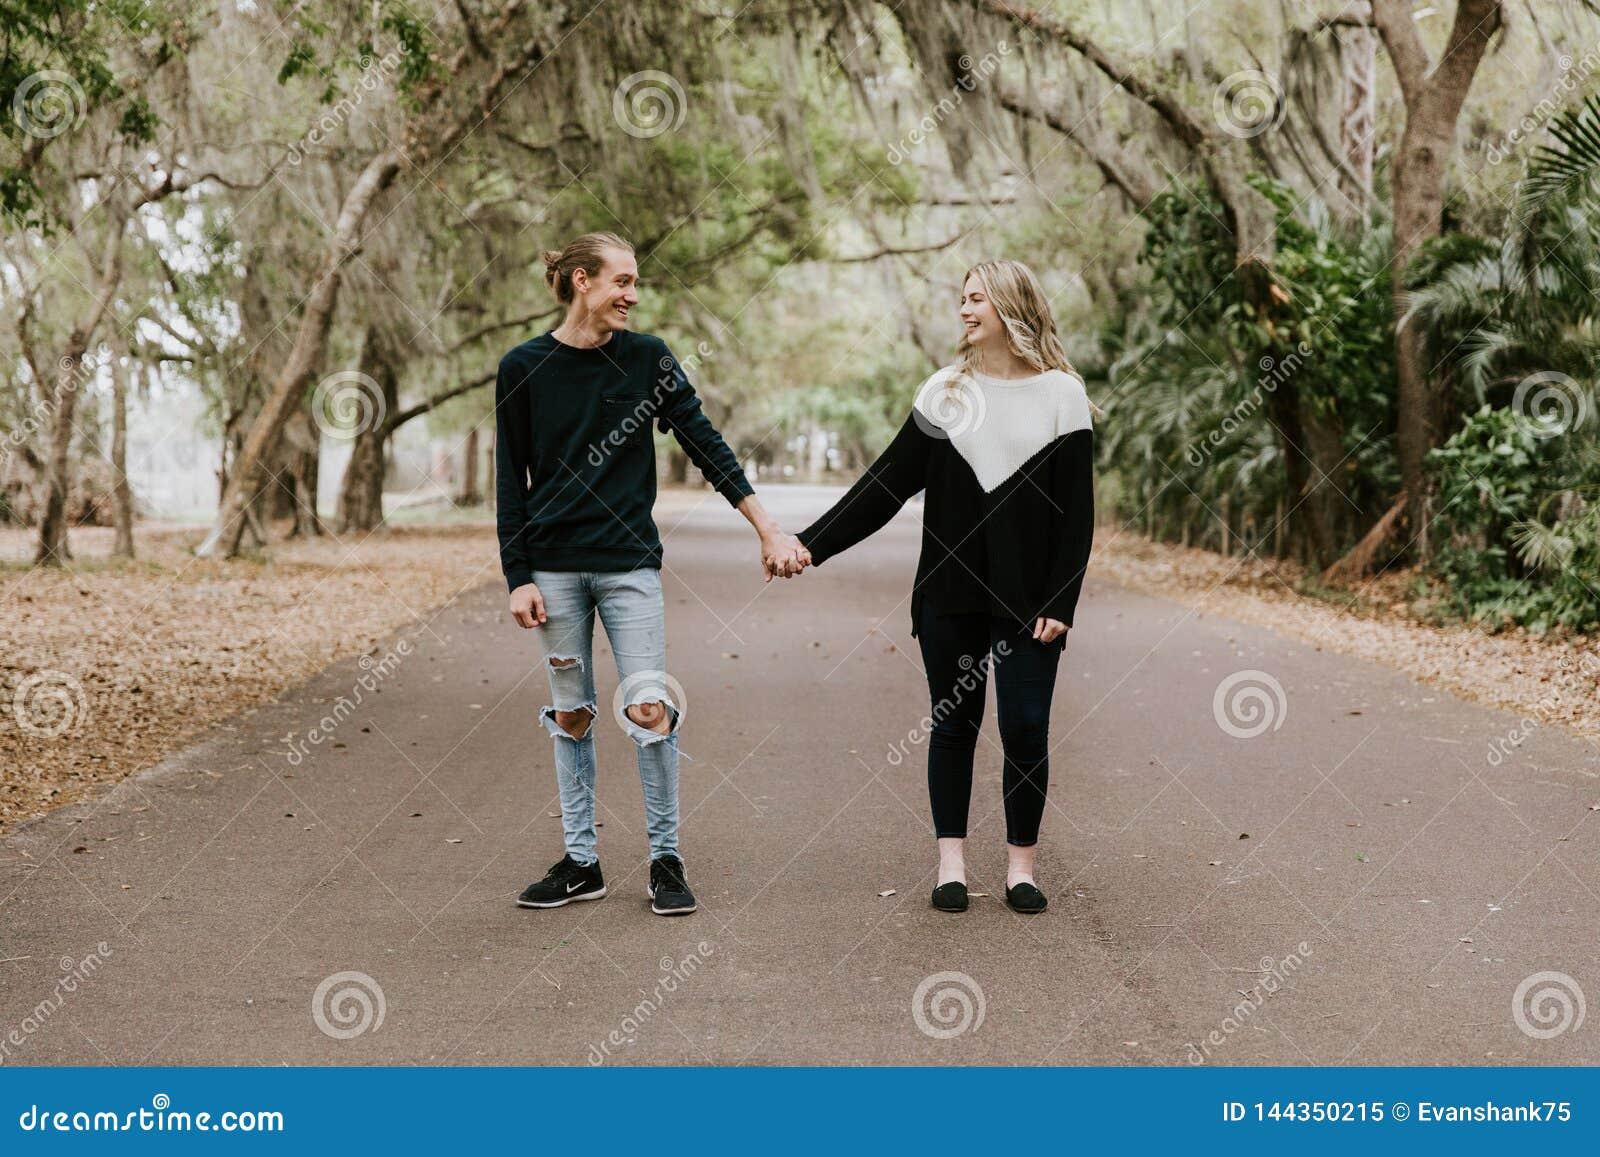 Leuk Jong Gelukkig Houdend van Paar die onderaan een Oude Verlaten Weg met het Bemoste Eiken Bomen Overhangen lopen